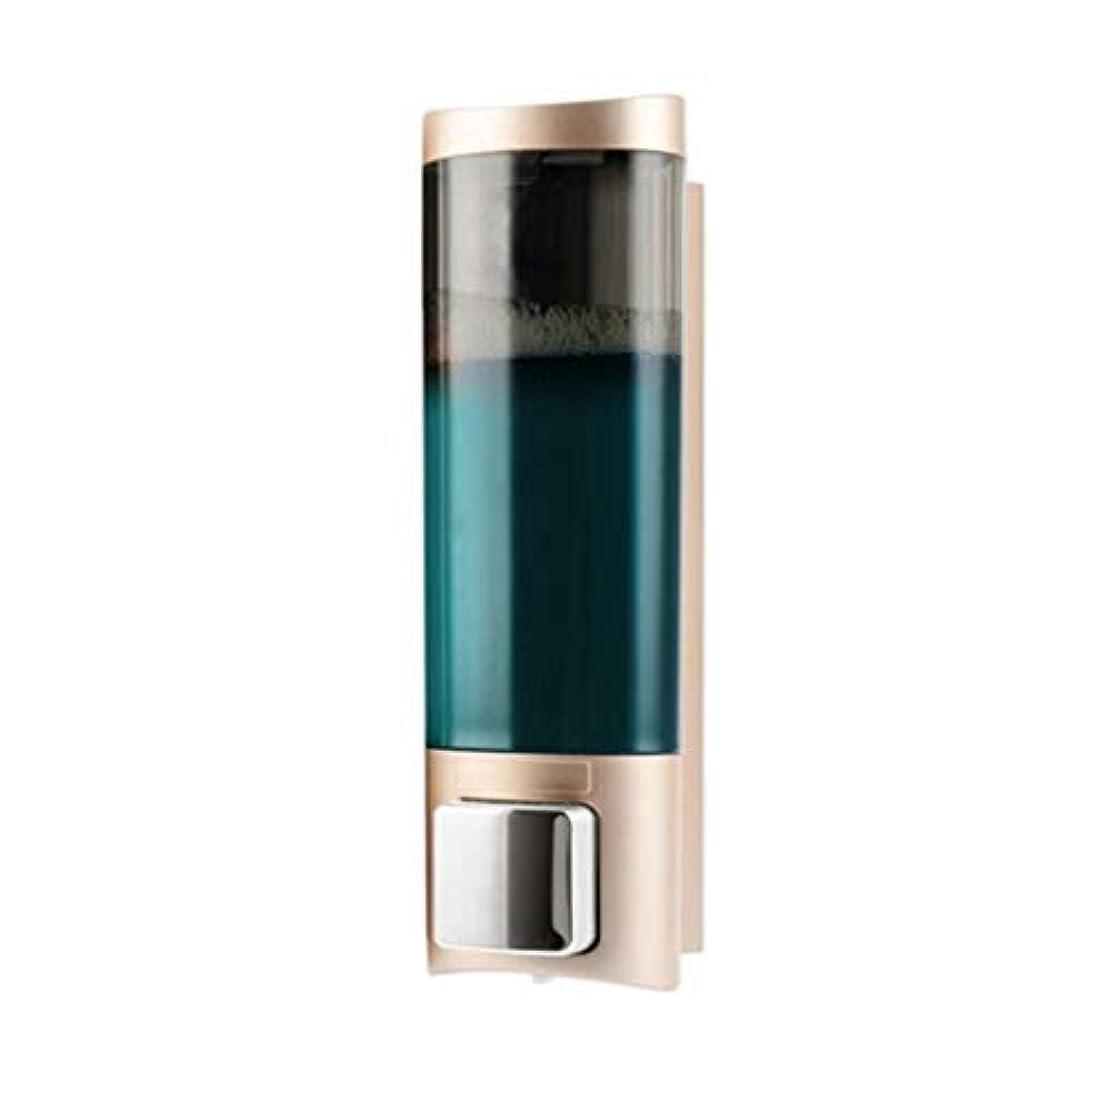 不運喉が渇いた実施するKylinssh 液体石鹸ディスペンサーポンプ、浴室または台所、家のホテル - ステンレス鋼のために理想的な壁の台紙の石鹸/ローションディスペンサーポンプ